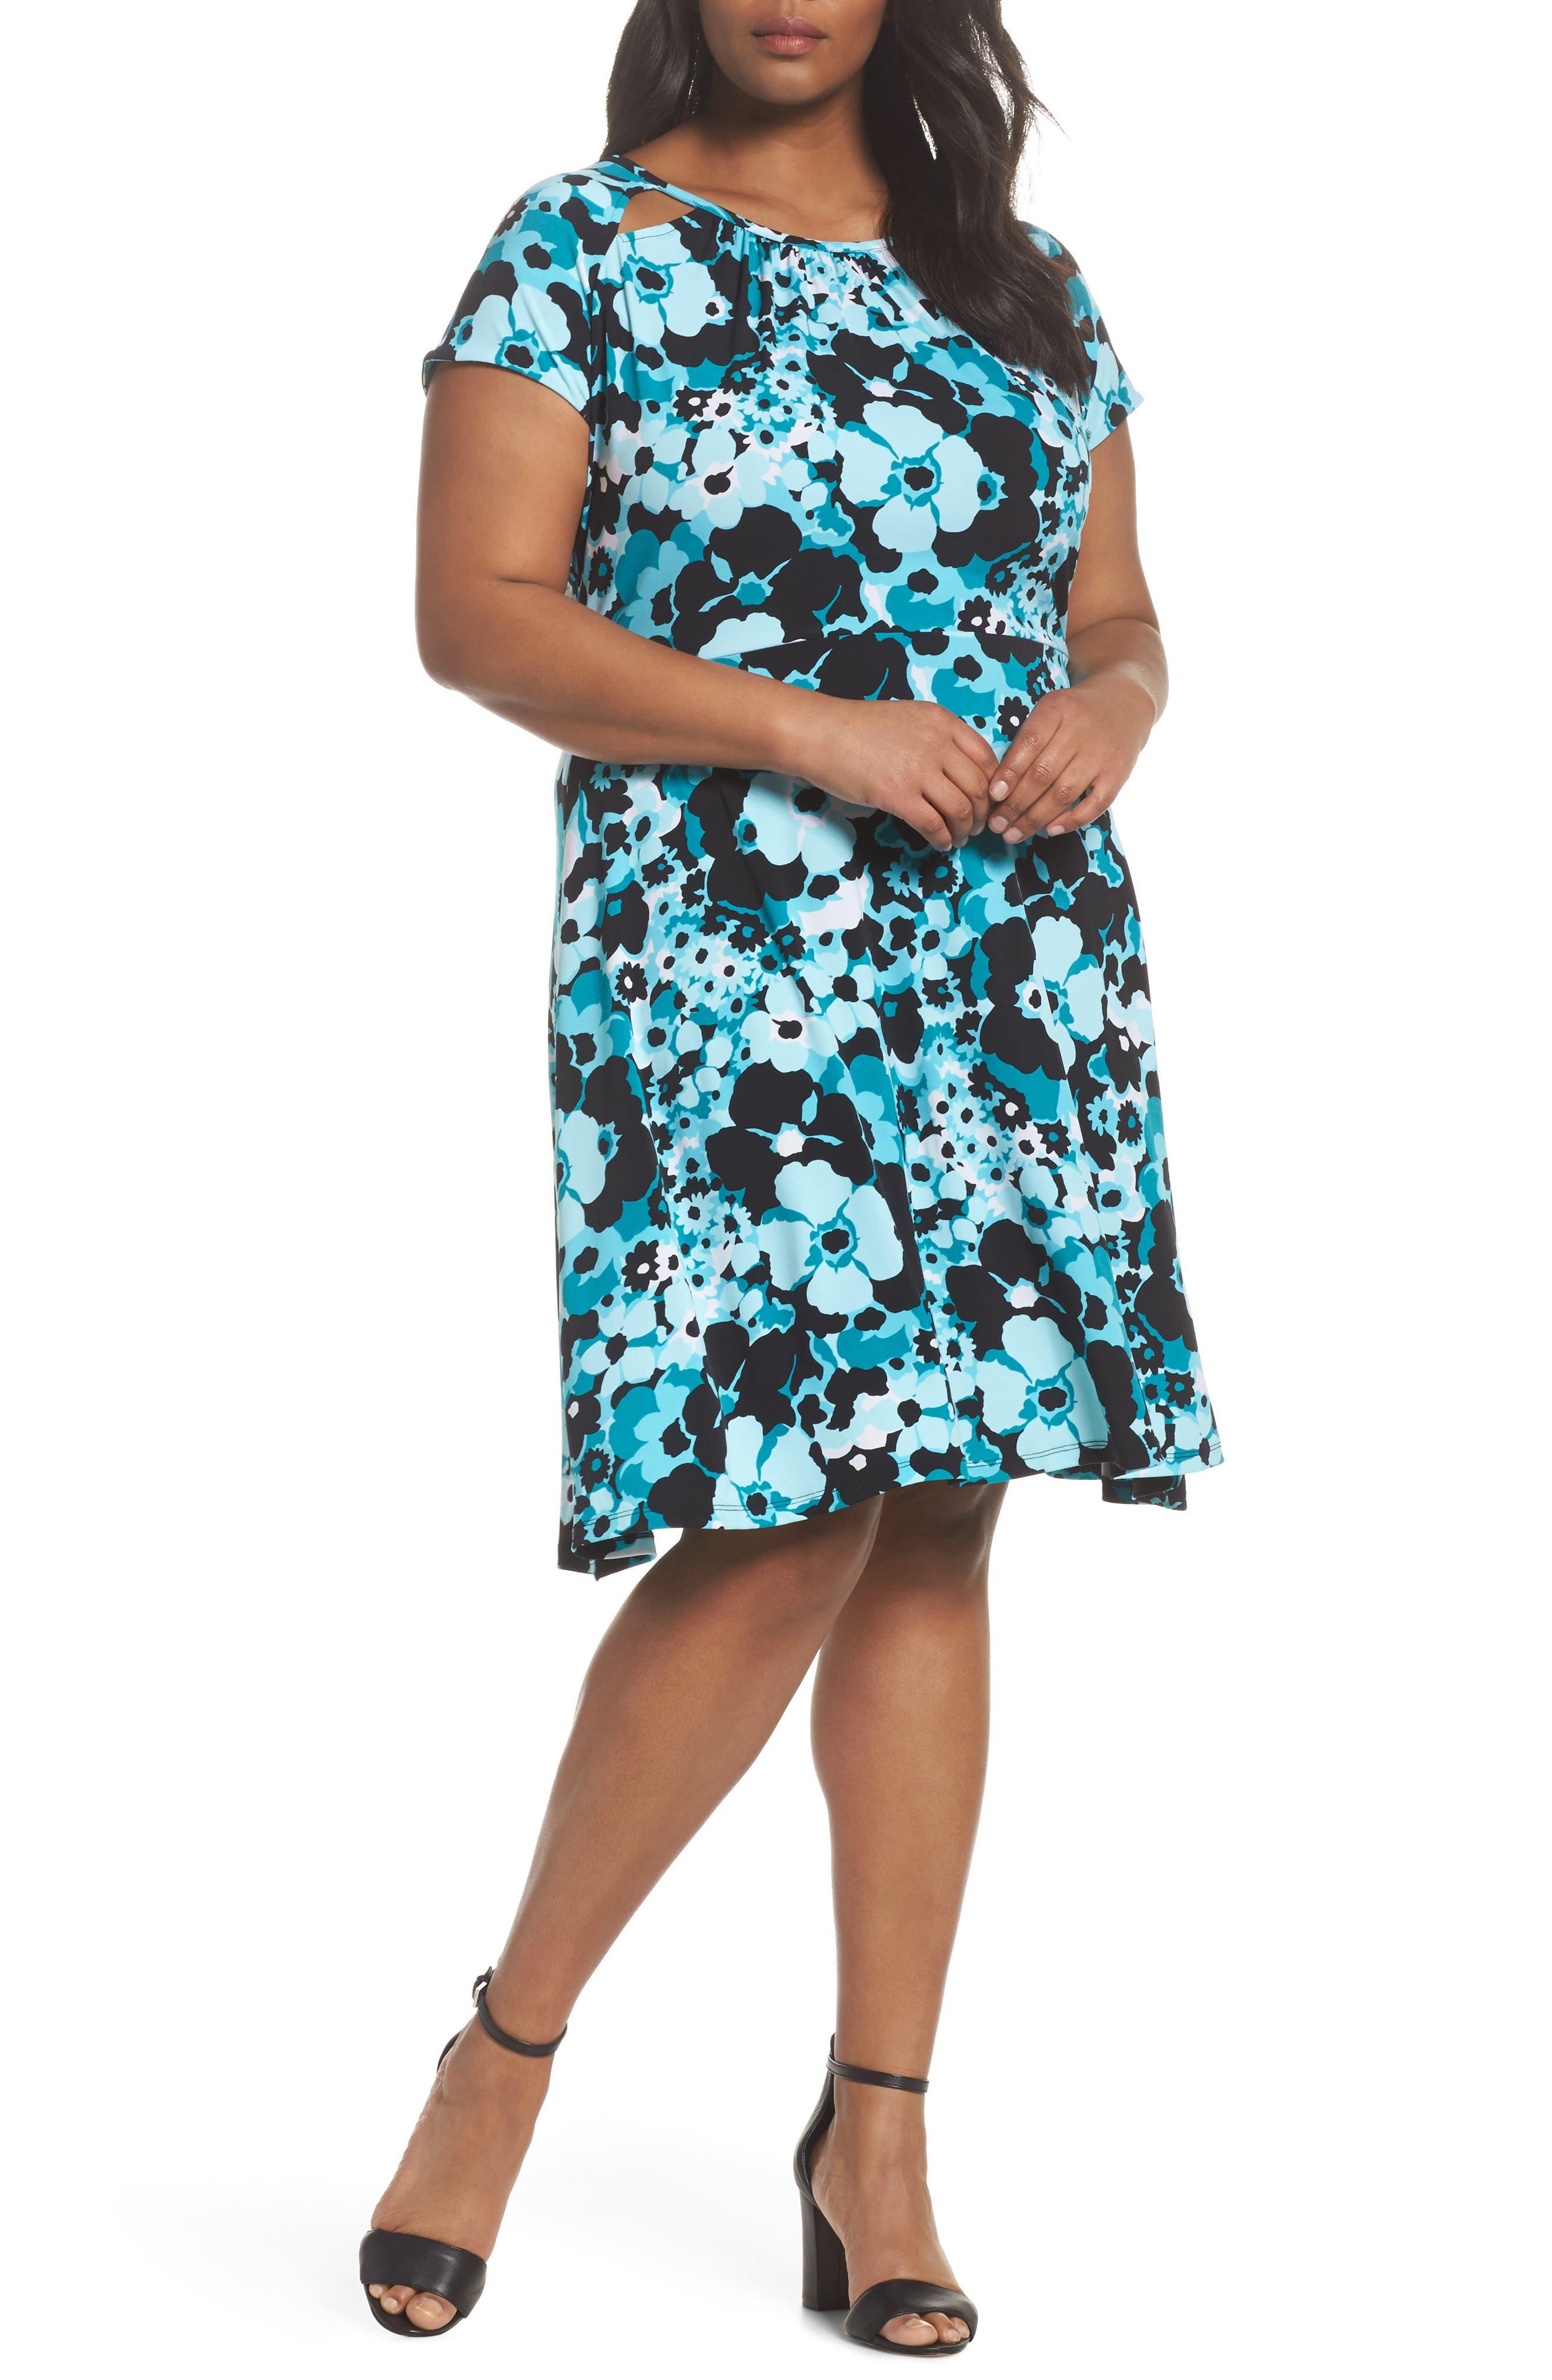 Springtime Floral Cutout Dress,                         Main,                         color, Tile Blue/ Black Multi